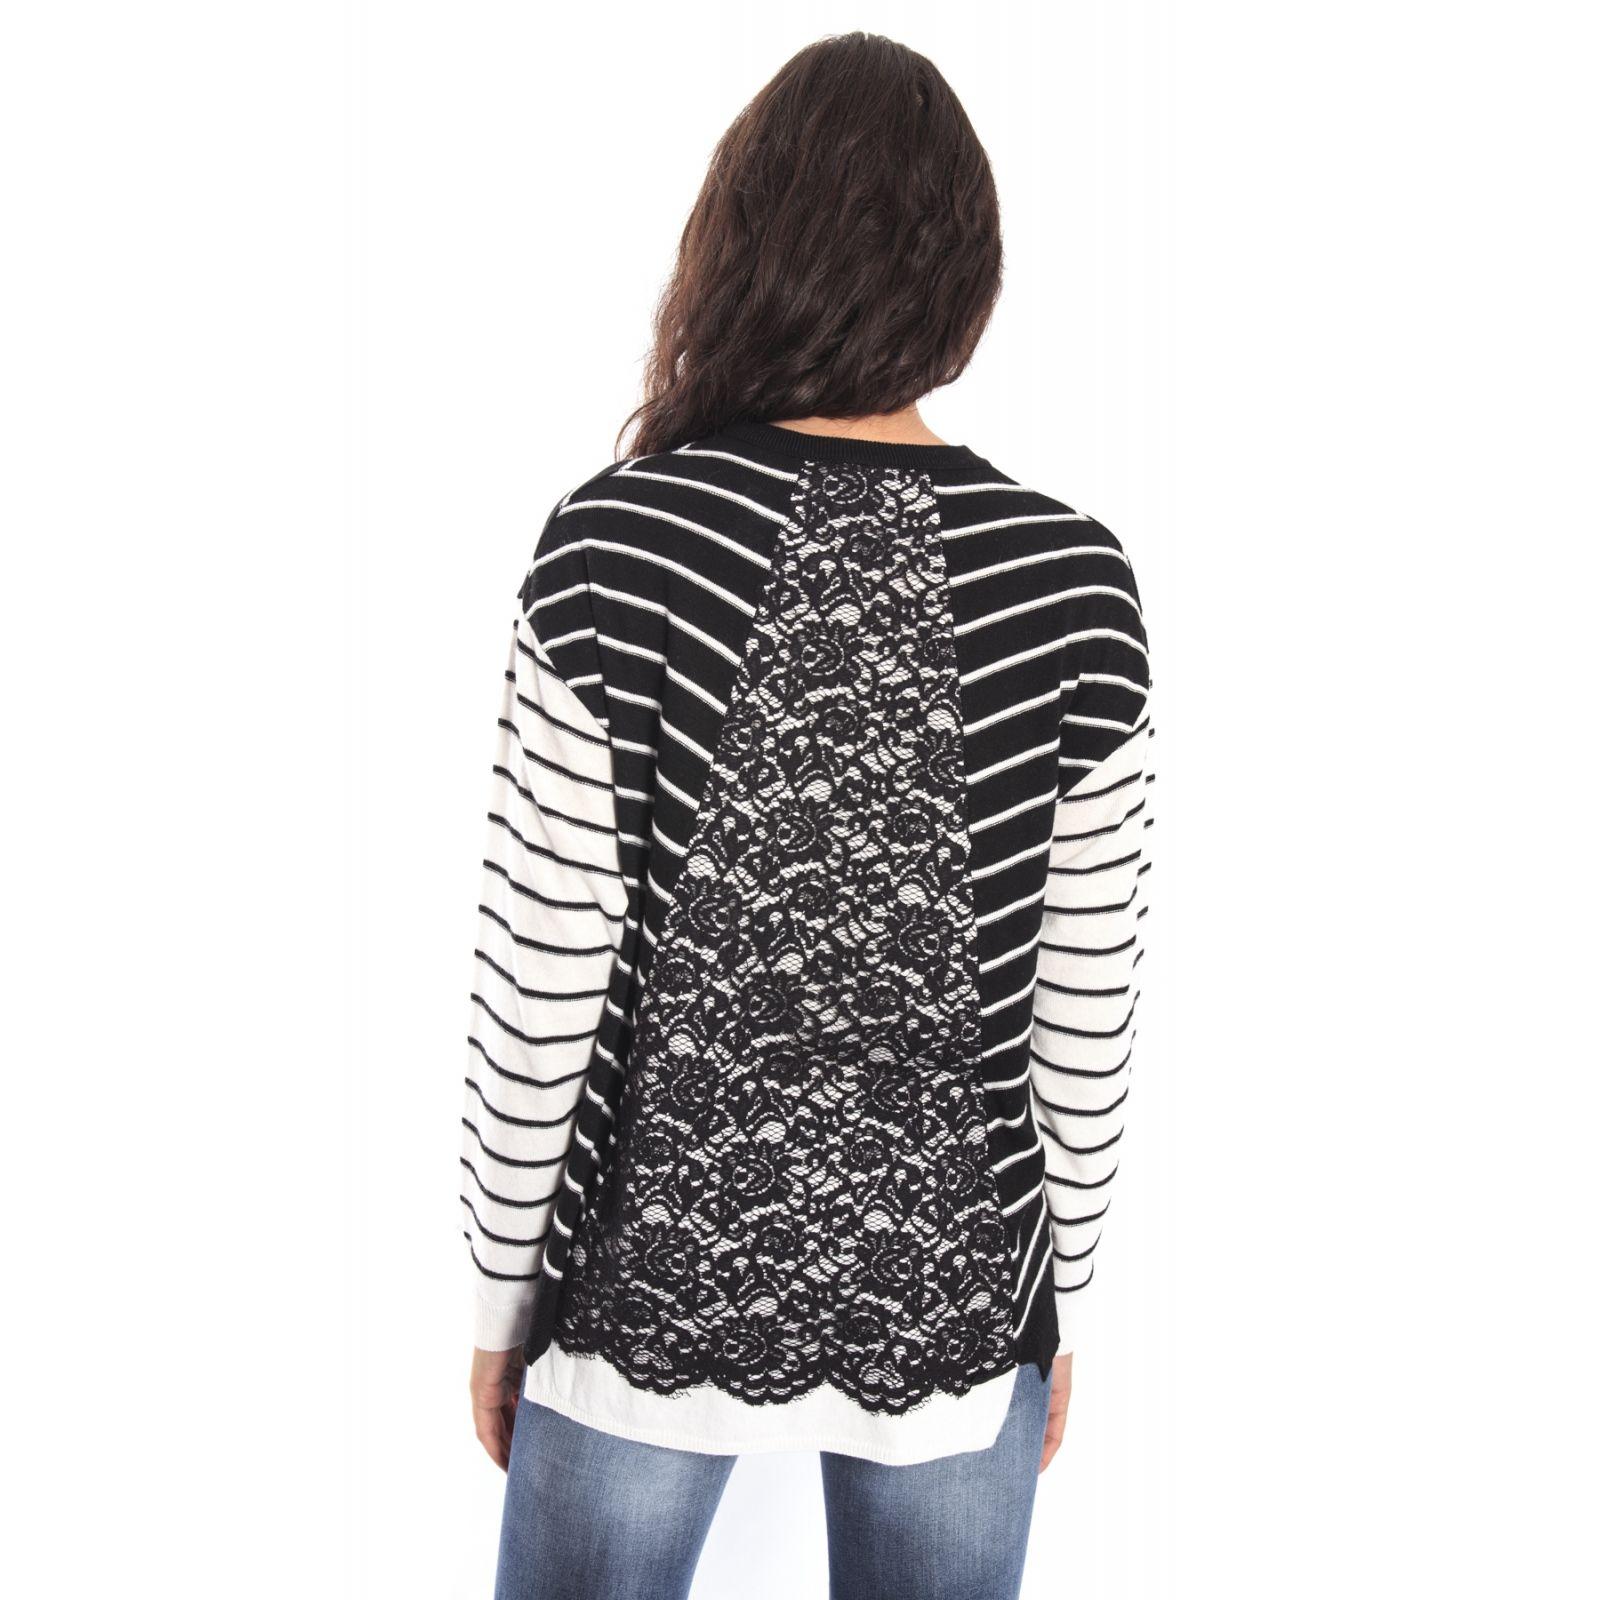 DENNY ROSE Maxi maglia a righe NERO e BIANCO 52DR51010  3d1c6b98248